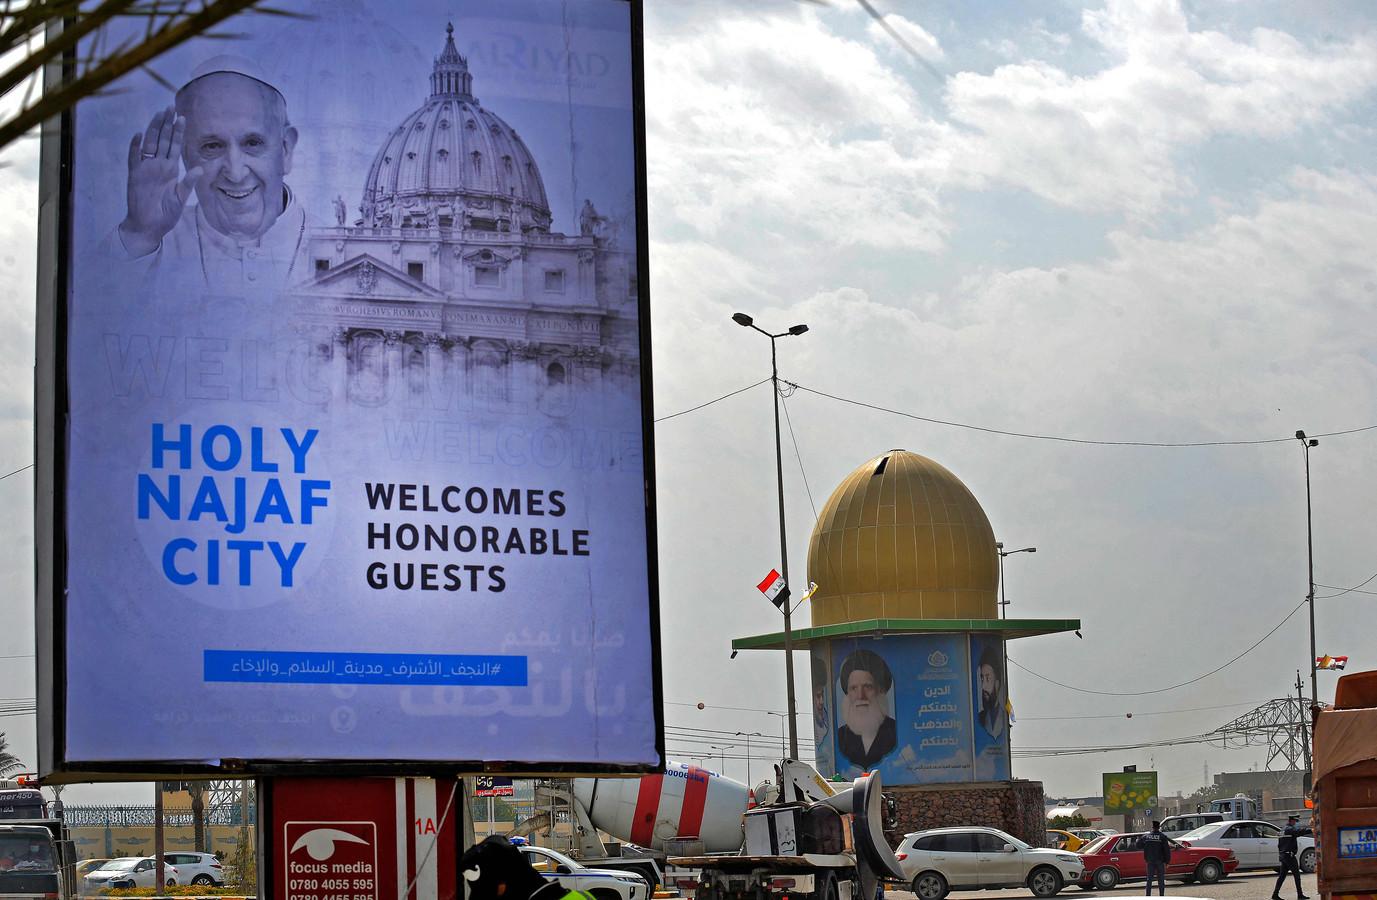 Le pape François est attendu vendredi à Bagdad et dimanche à Erbil (Kurdistan irakien), où il doit célébrer une messe dans un stade. Il doit aussi passer par Mossoul, ex-bastion de l'EI dans le nord où sont déployées des factions du Hachd al-Chaabi.